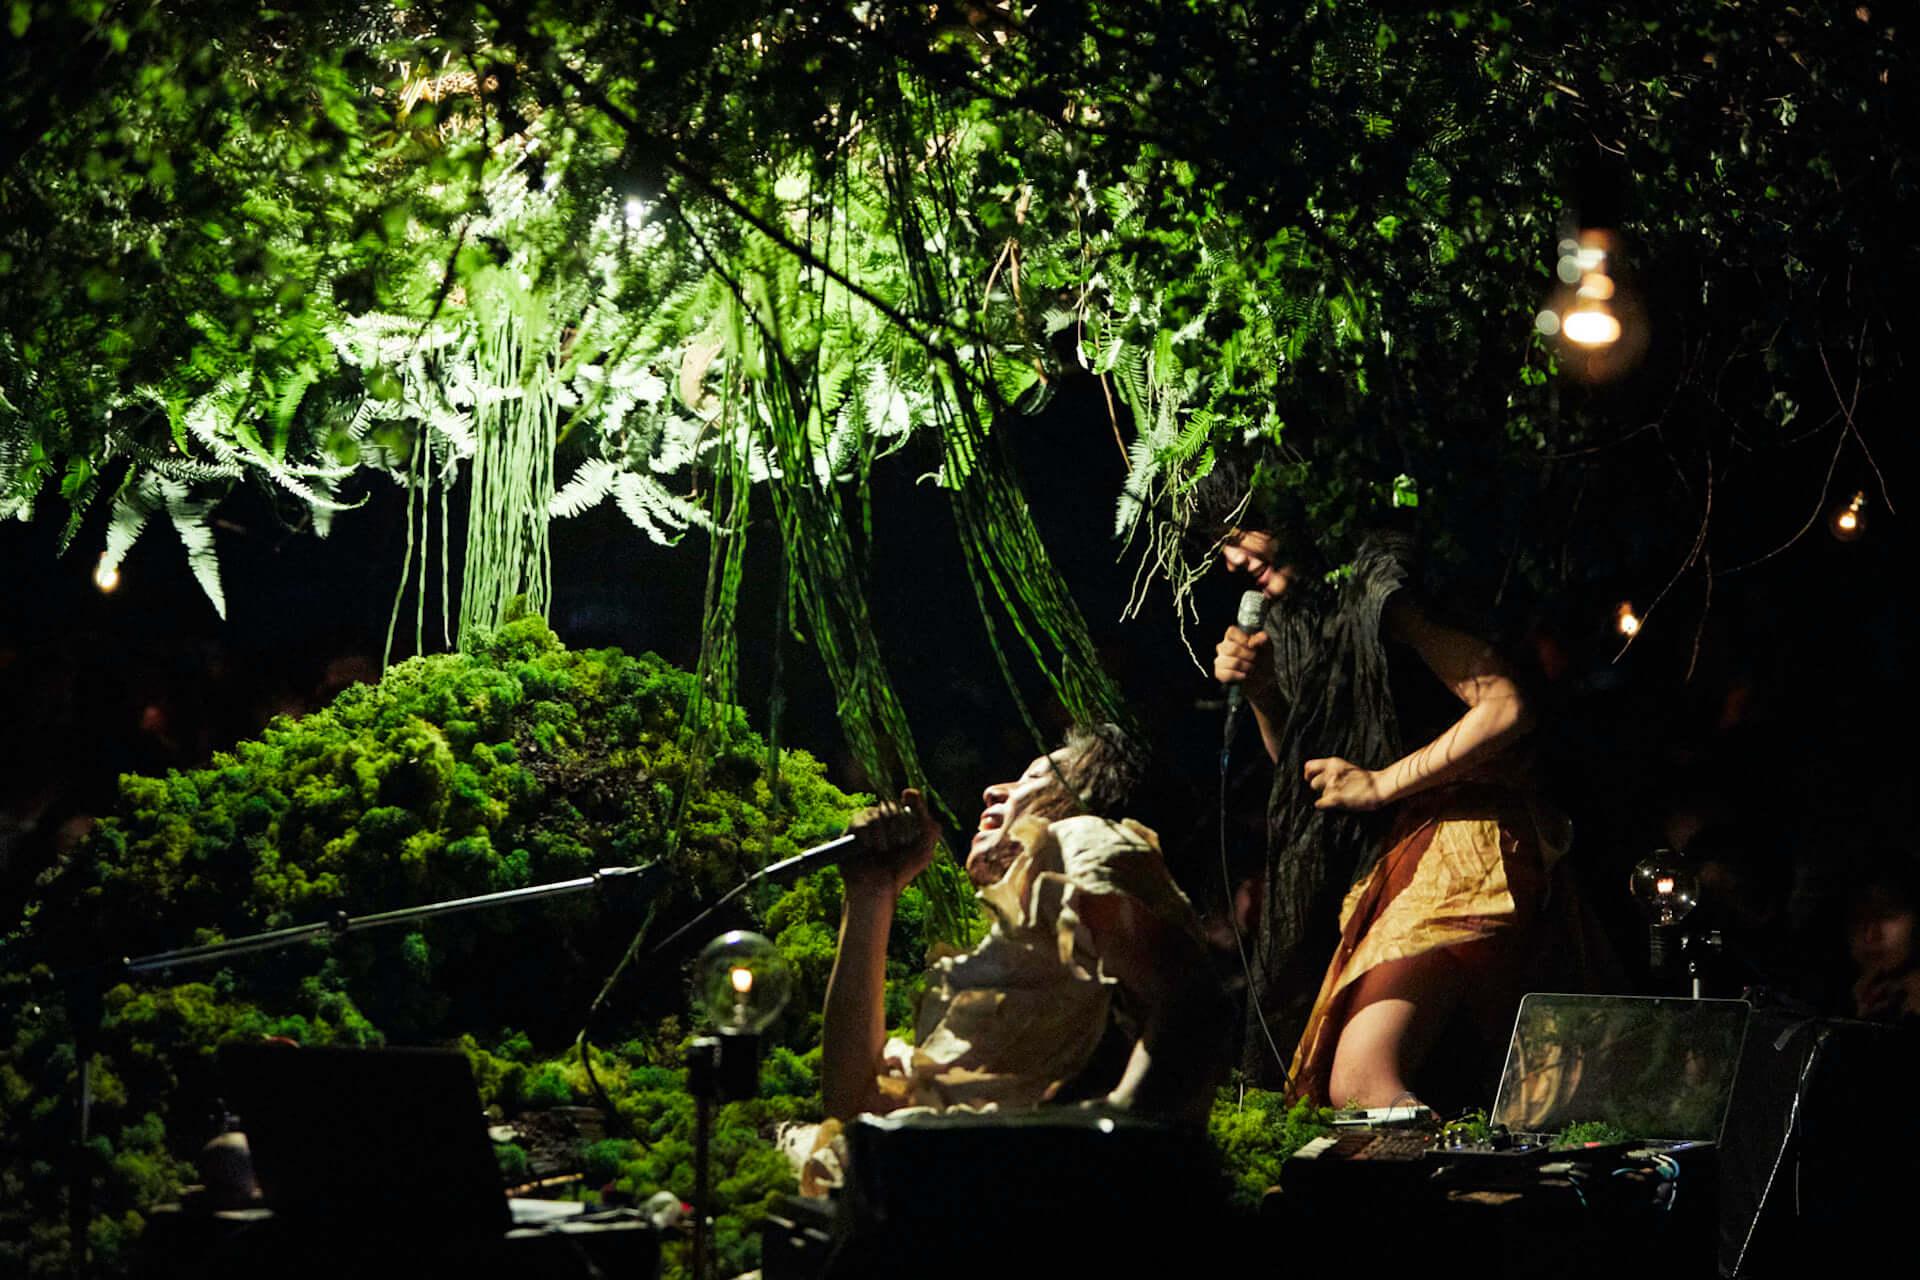 YAKUSHIMA TREASUREが、LIQUIDROOM15周年企画での初のワンマンライブの映像をYouTubeで無料公開! music200522_yakushimatreasure_05-1920x1280